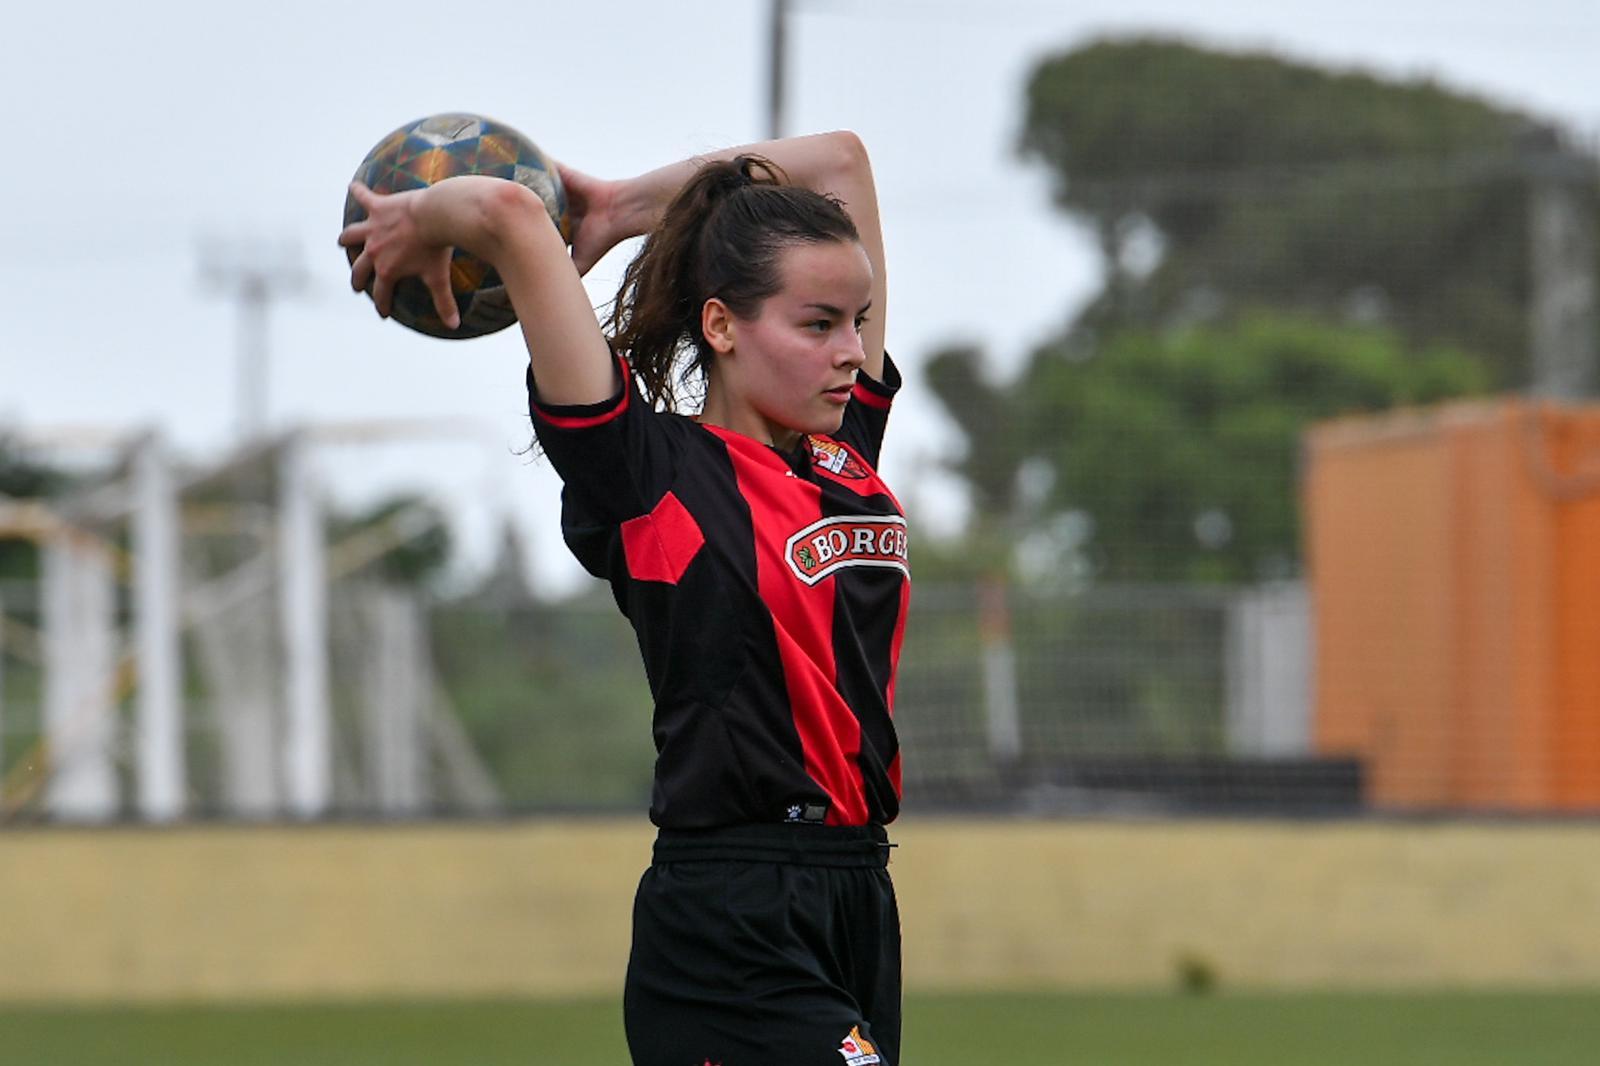 El Juvenil Femení, sense opcions contra el FC Barcelona (7-0)